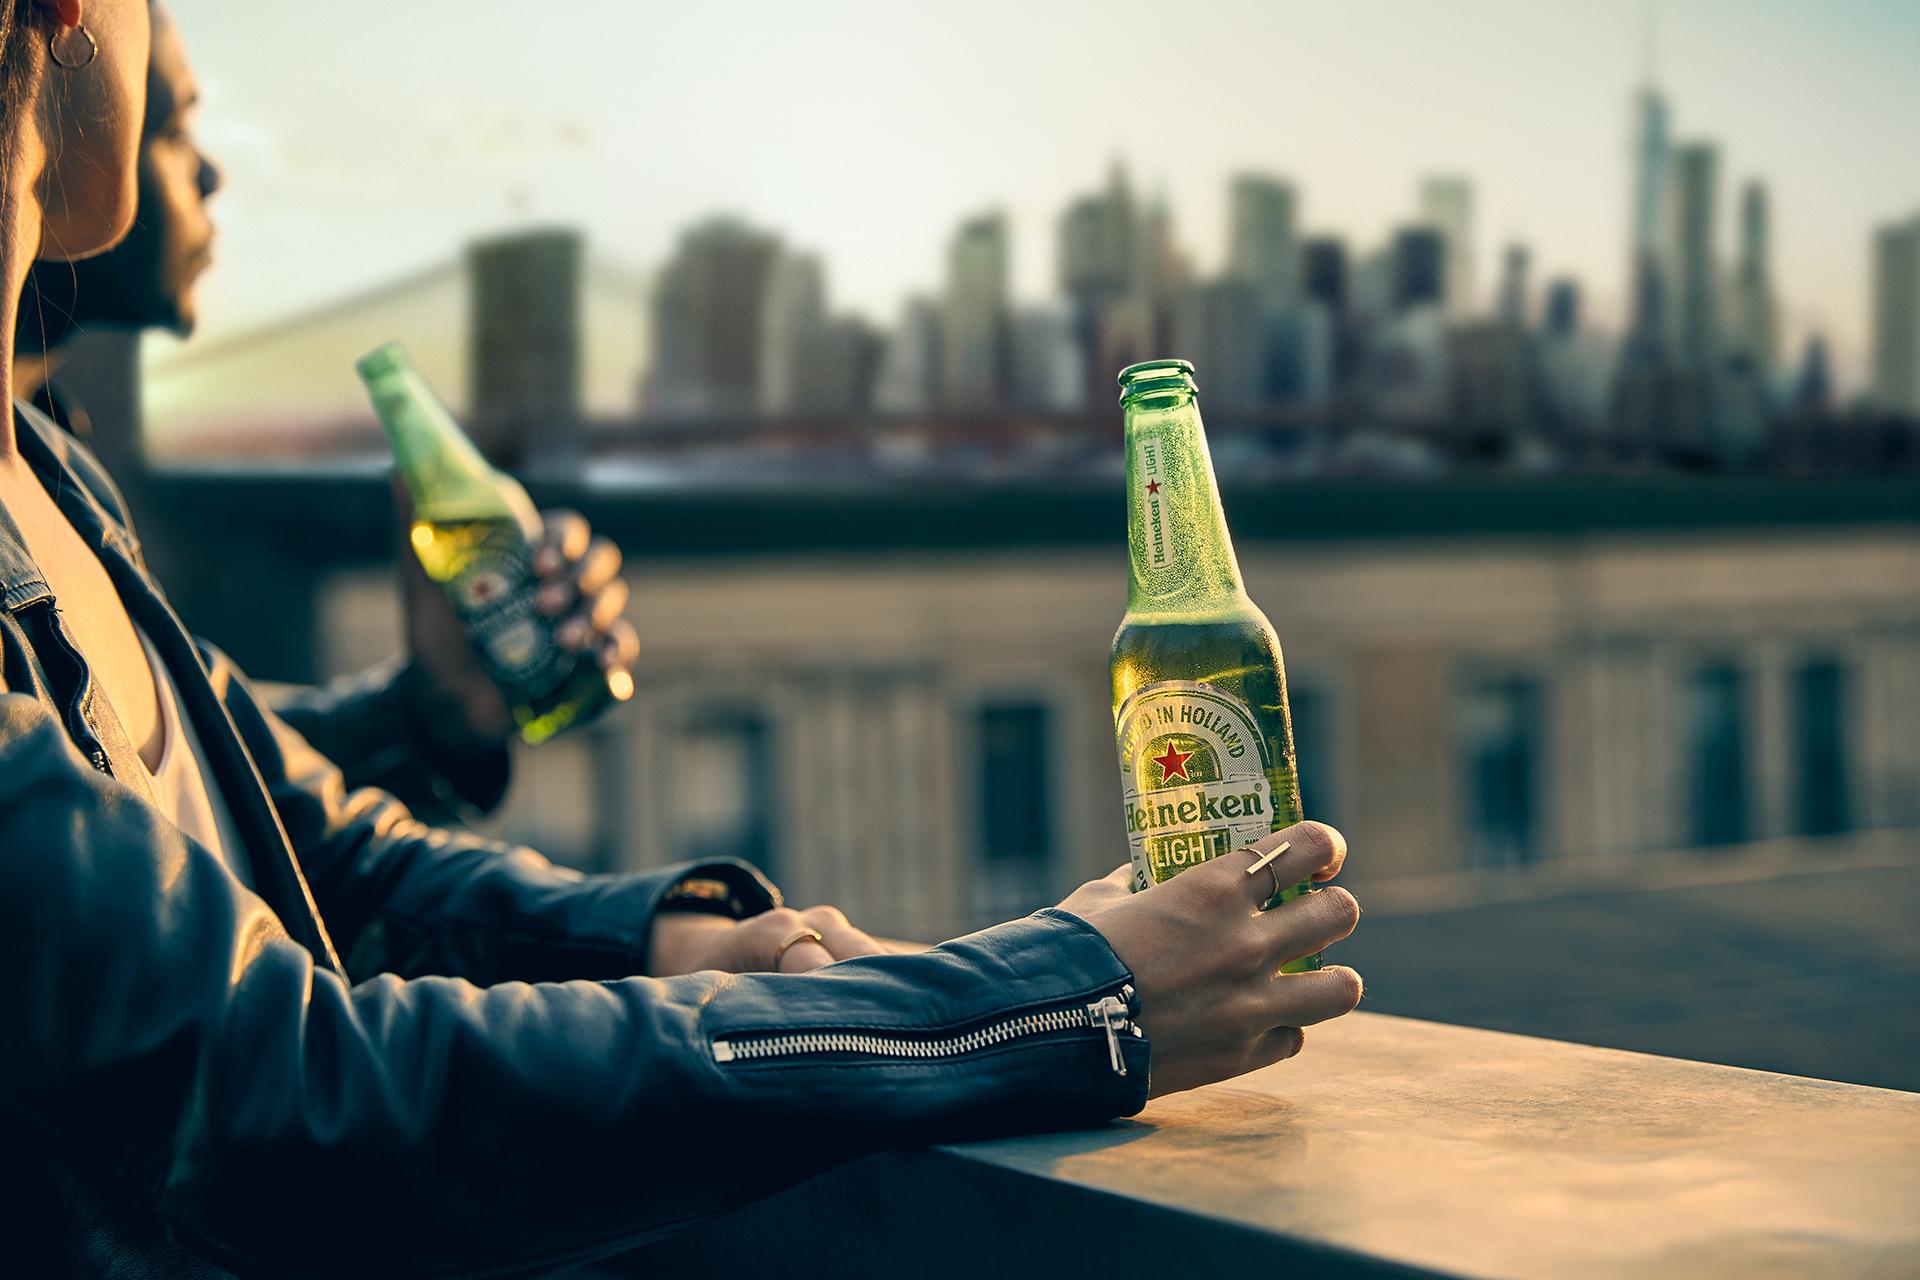 beer-bottle-hand-heineken-nyc